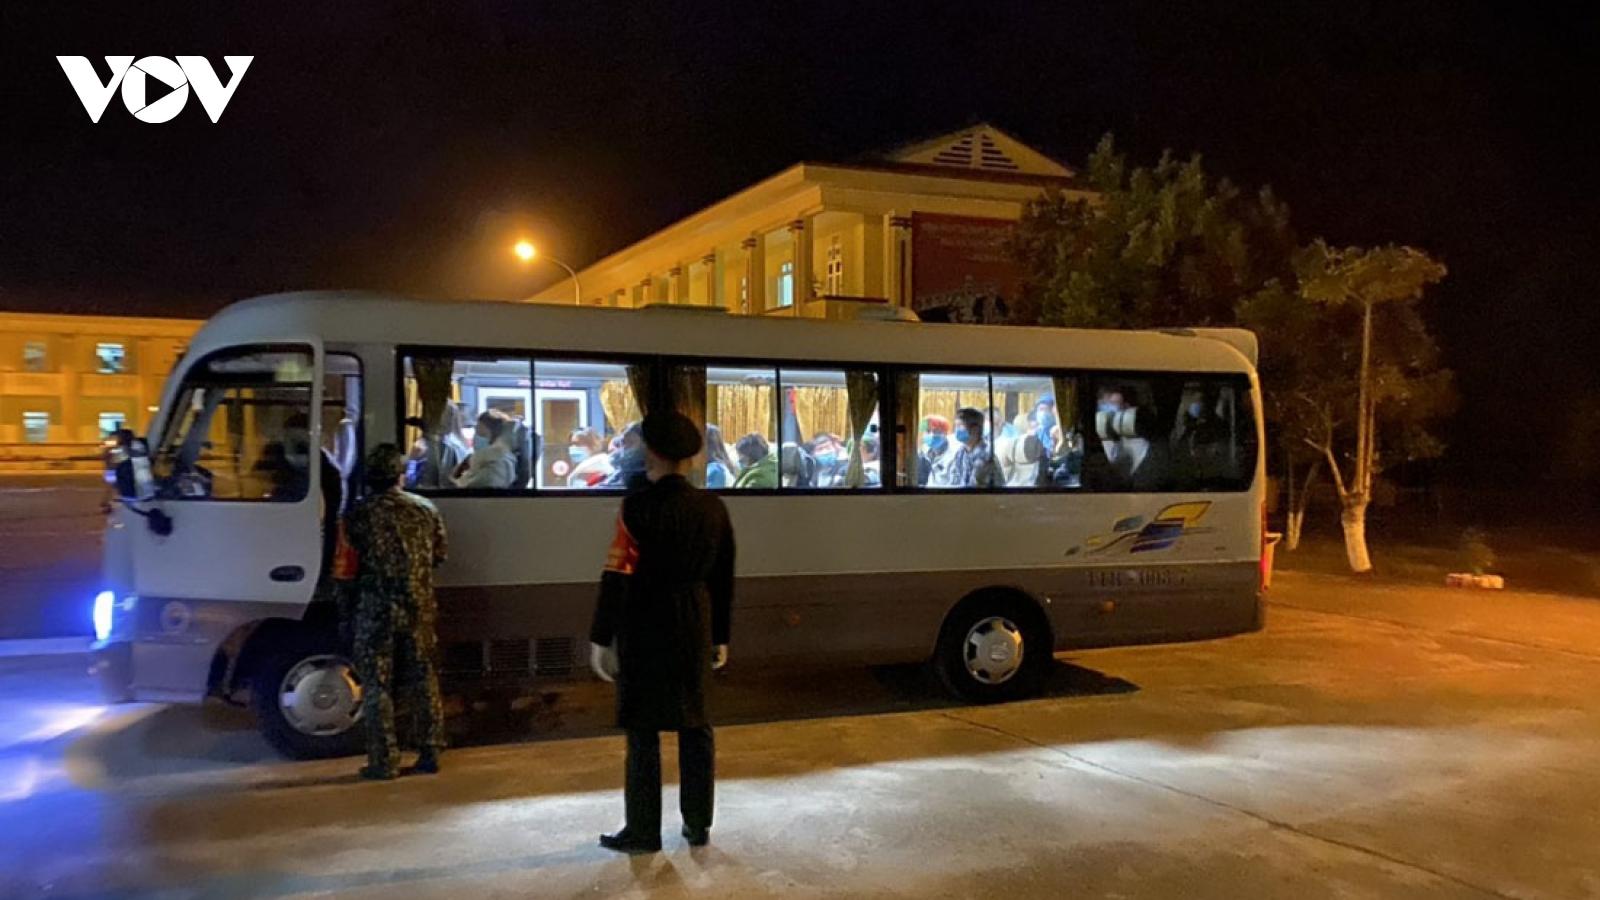 Tiếp nhận 210 công dân nhập cảnh đưa vào khu cách ly tập trung ởBắc Kạn